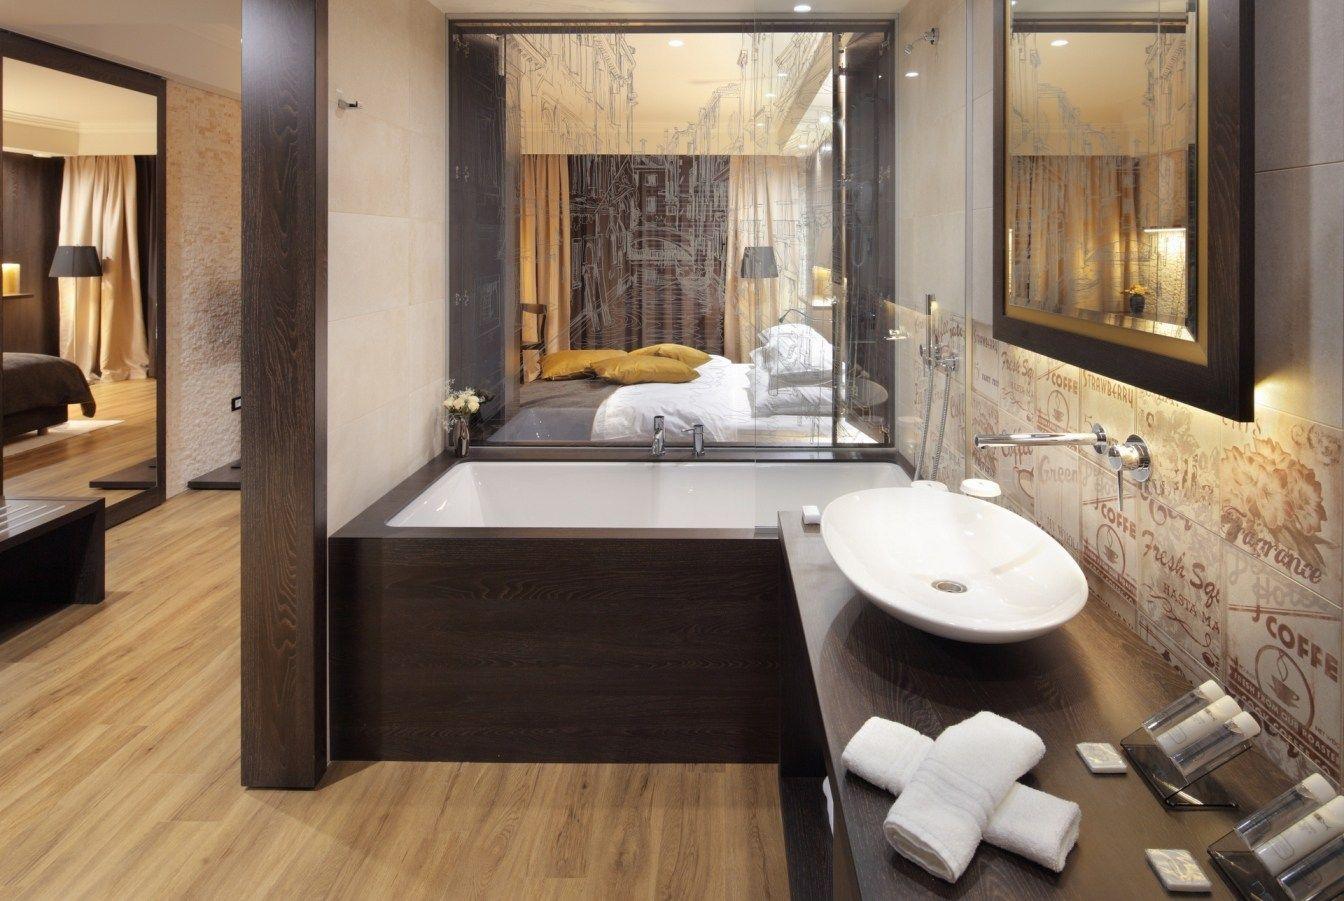 Newform per il nox hotel di lubiana for Design hotel nox